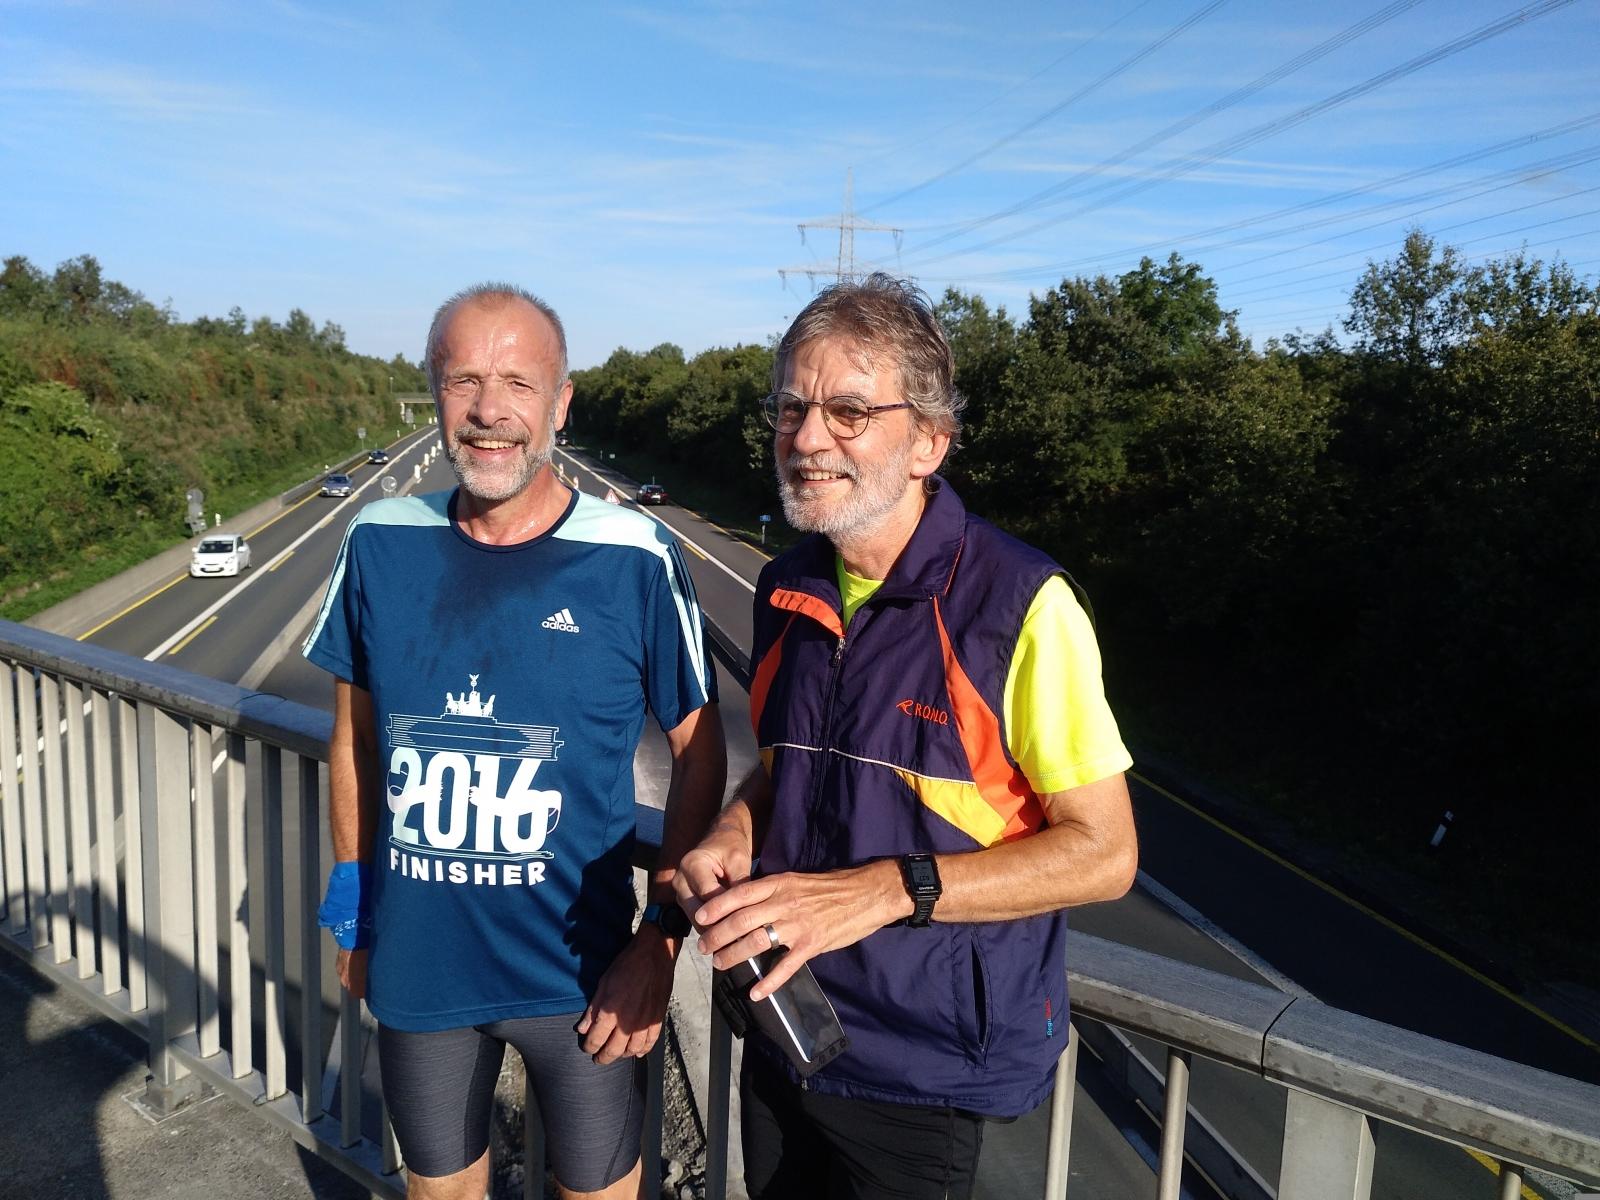 Just-Gerd-34-Challenge-Brueckenlauf-oyDHe